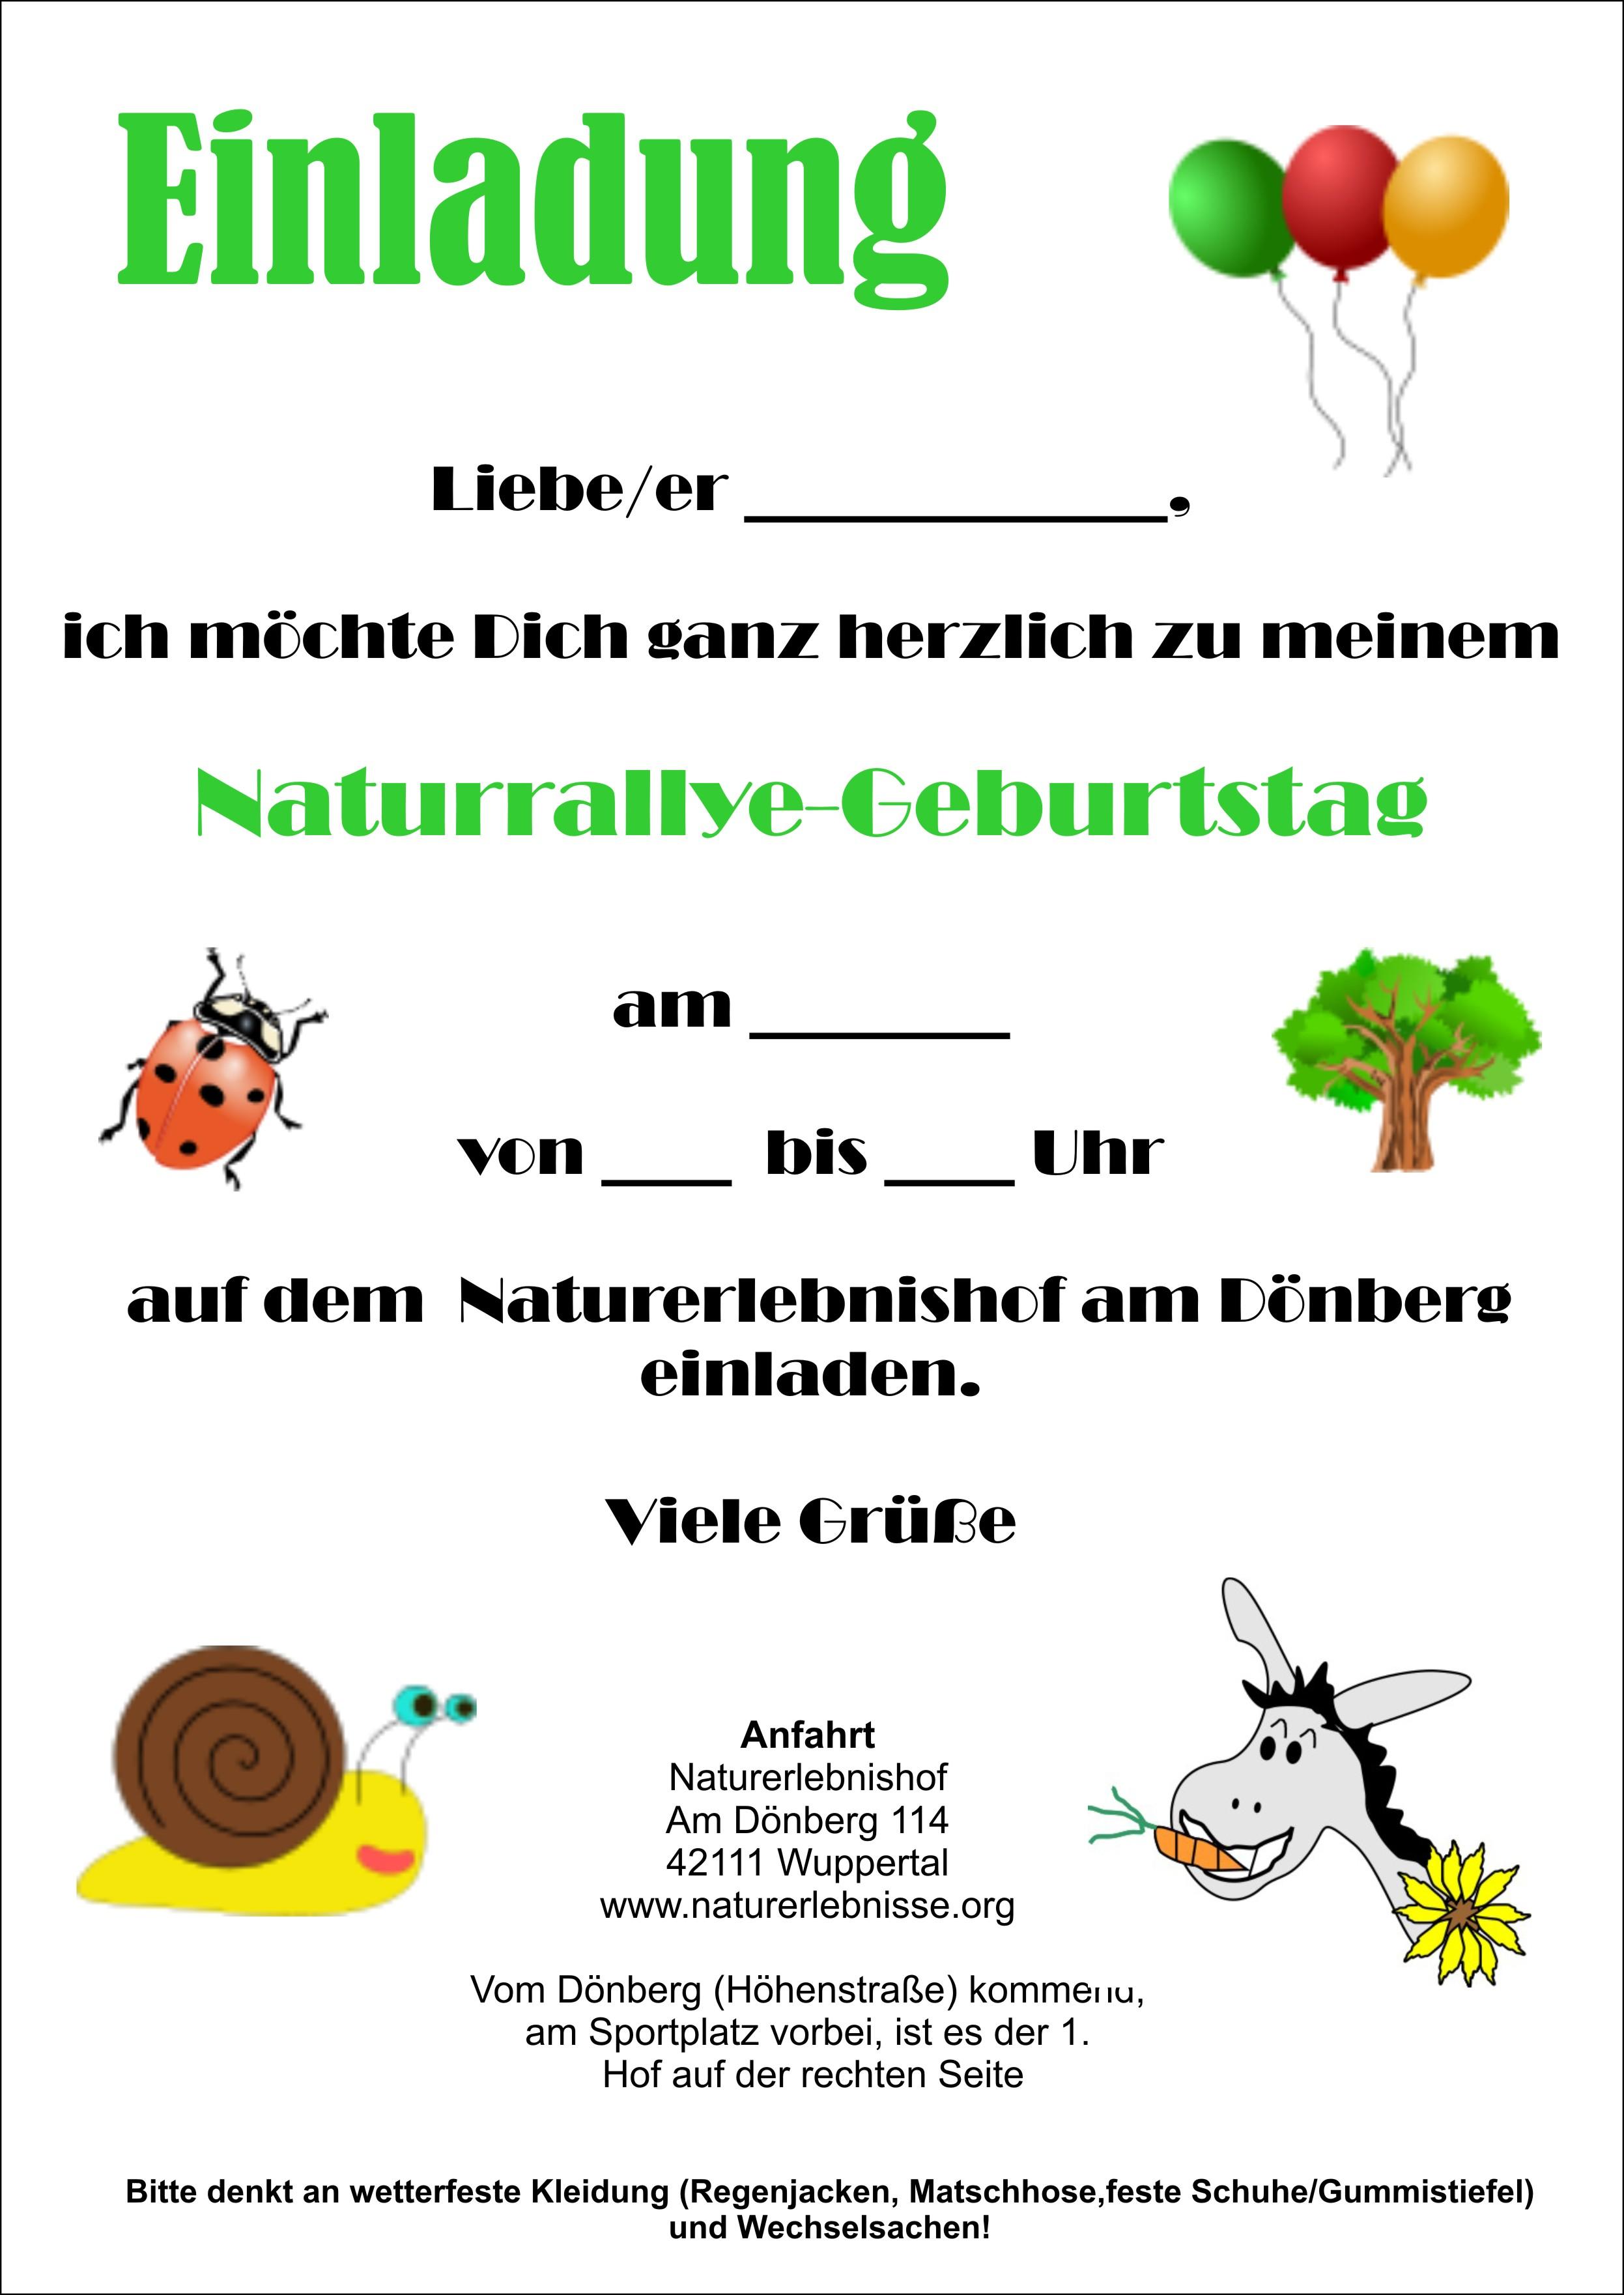 Einladung Kindergeburtstag Natur – earthlings.co